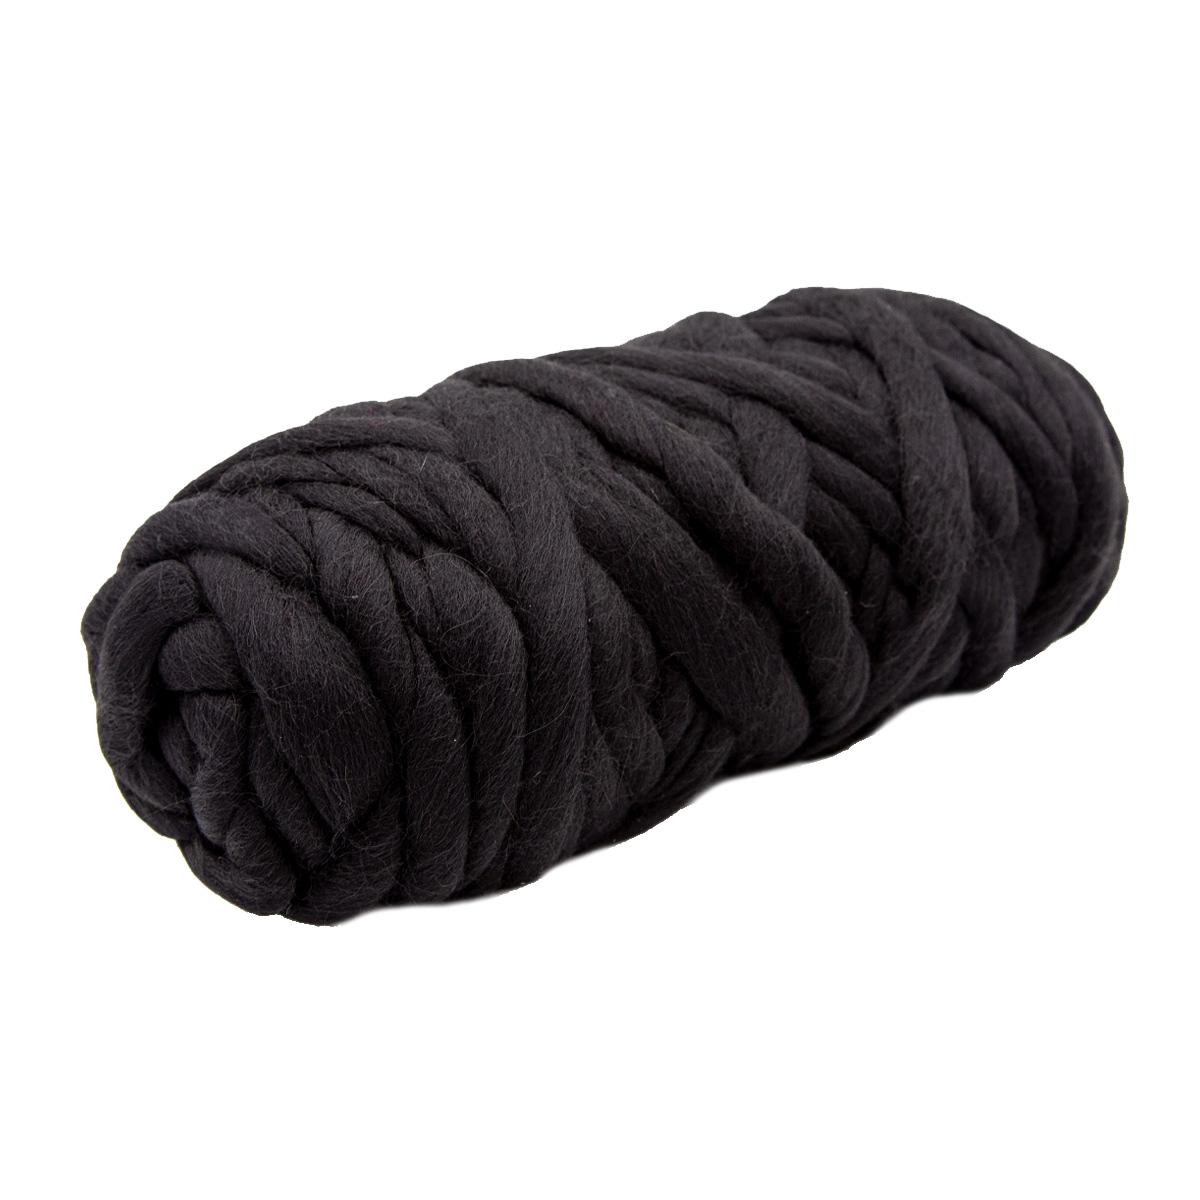 Пряжа Камтекс 'Супер толстая' 500гр. 40м.(шерсть п/т 100%) (003 черный) фото